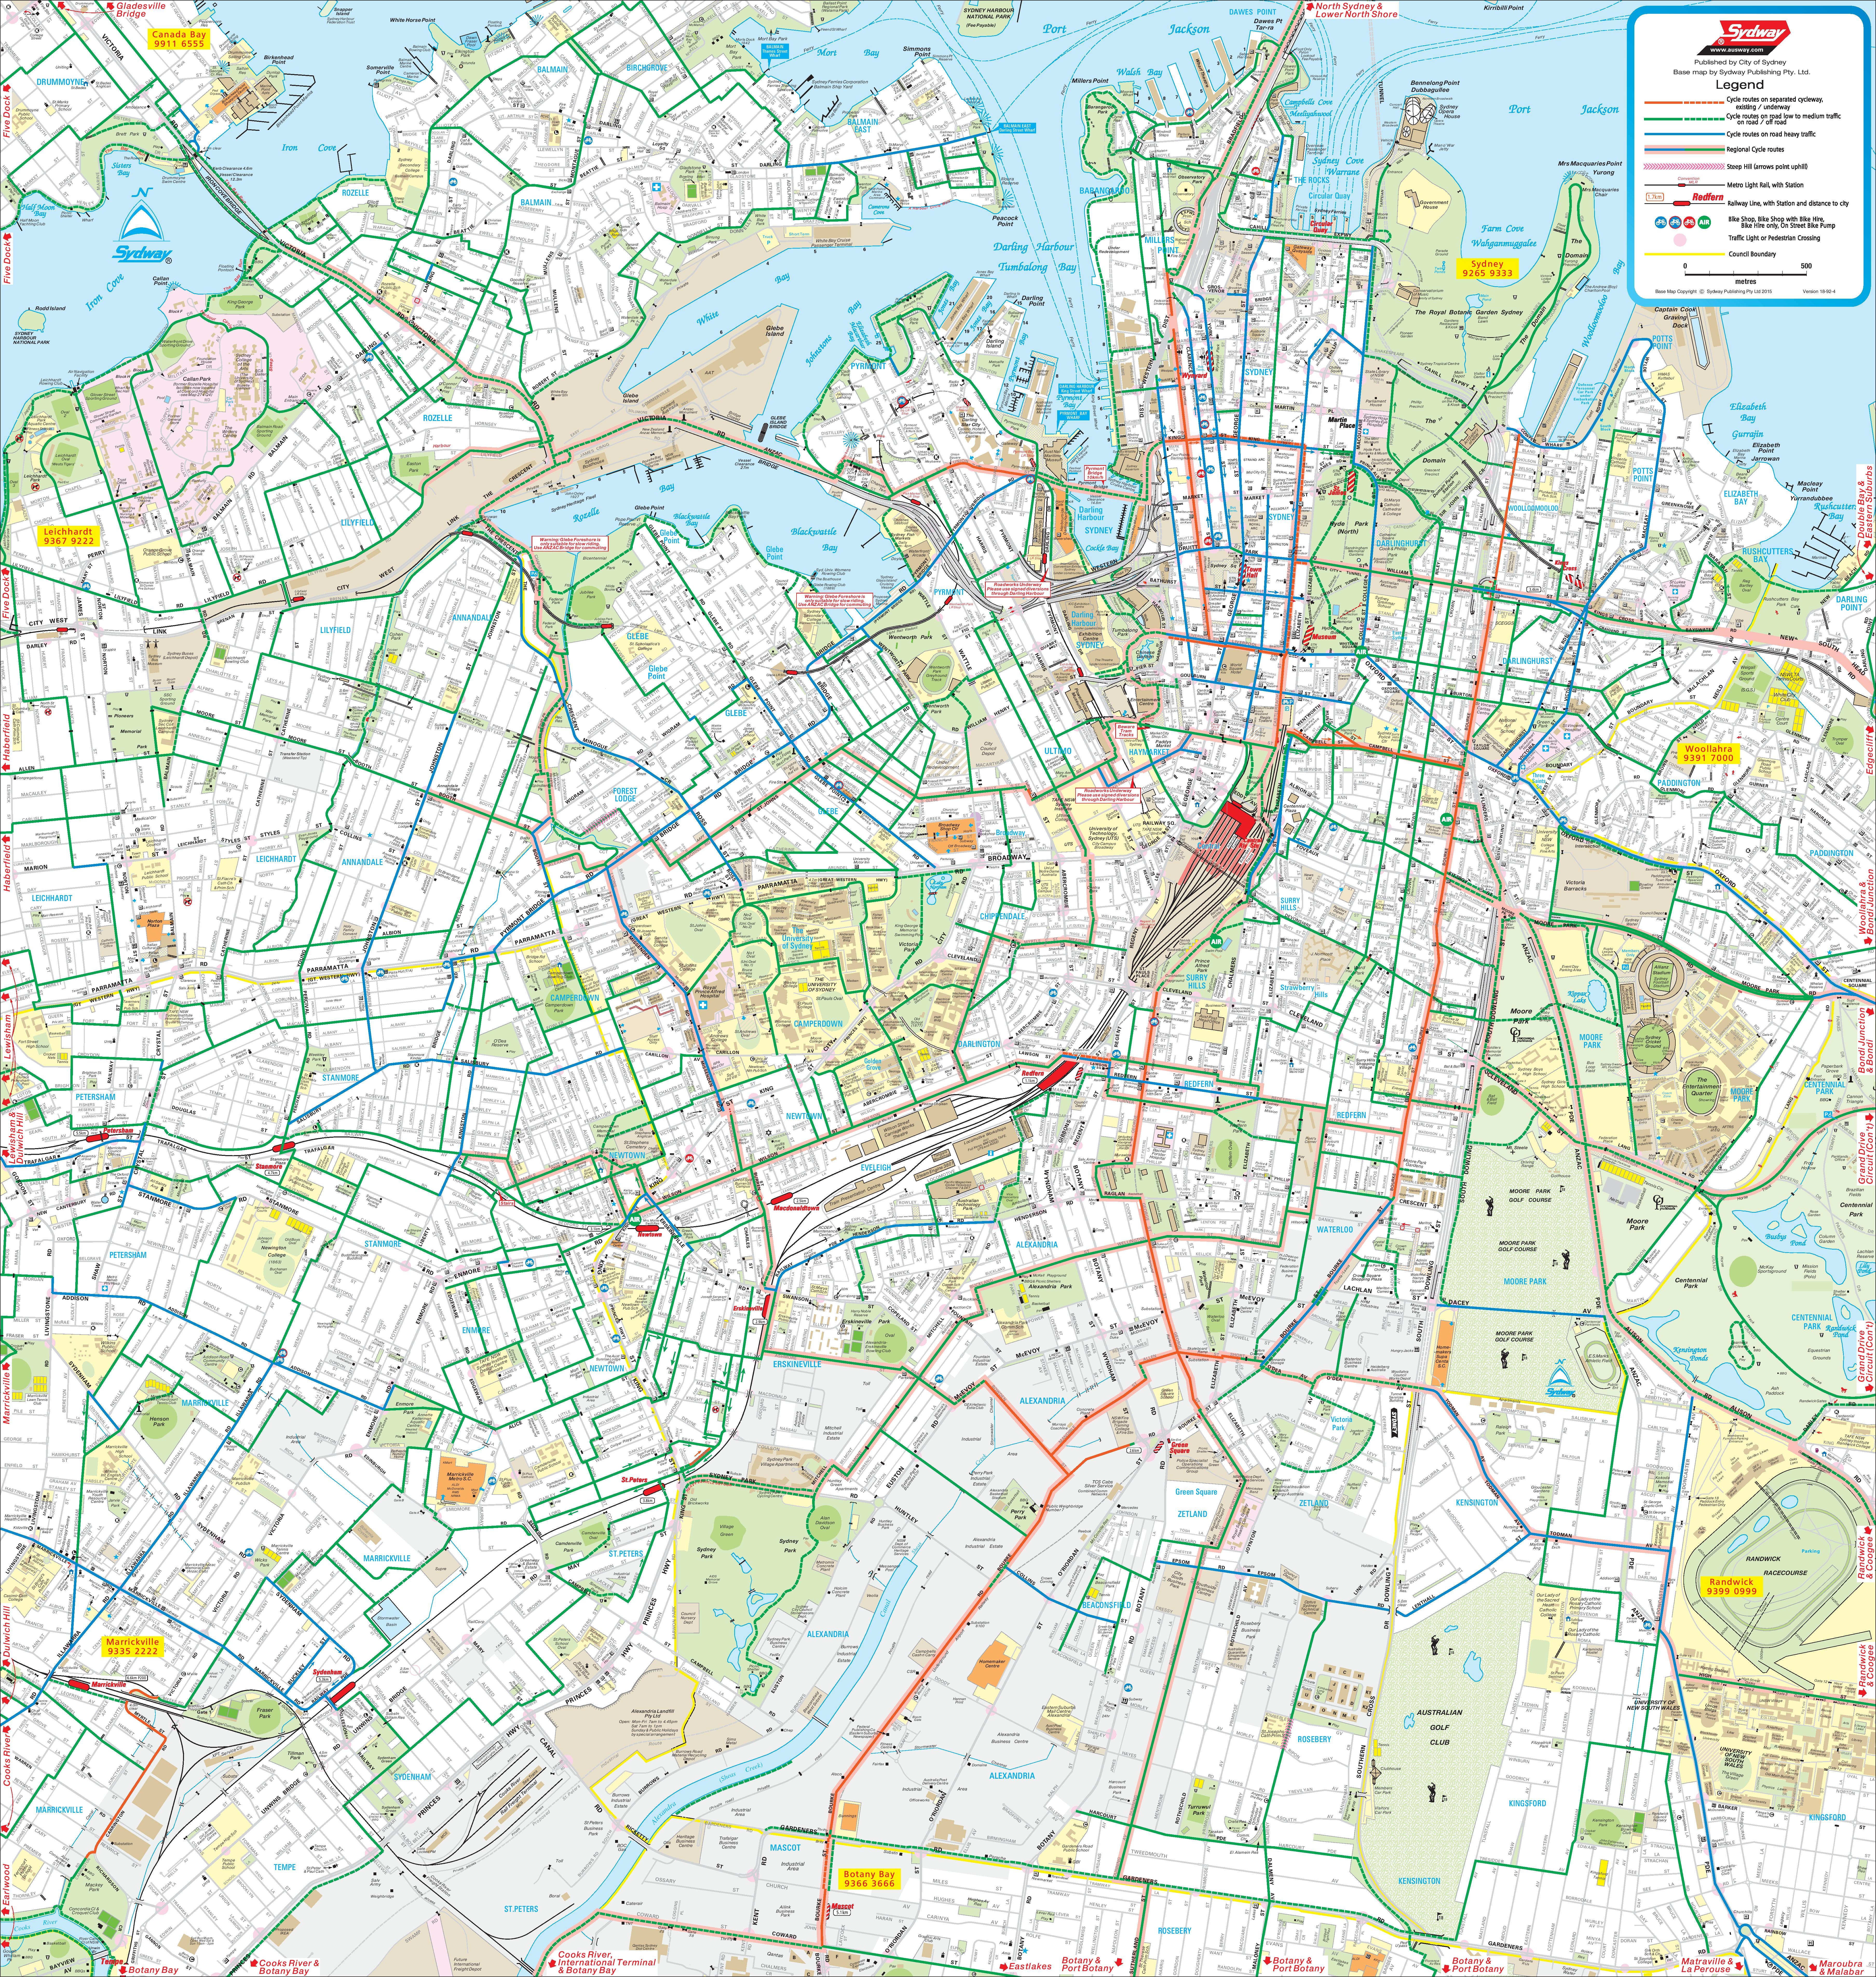 Sydney Maps Australia Maps of Sydney